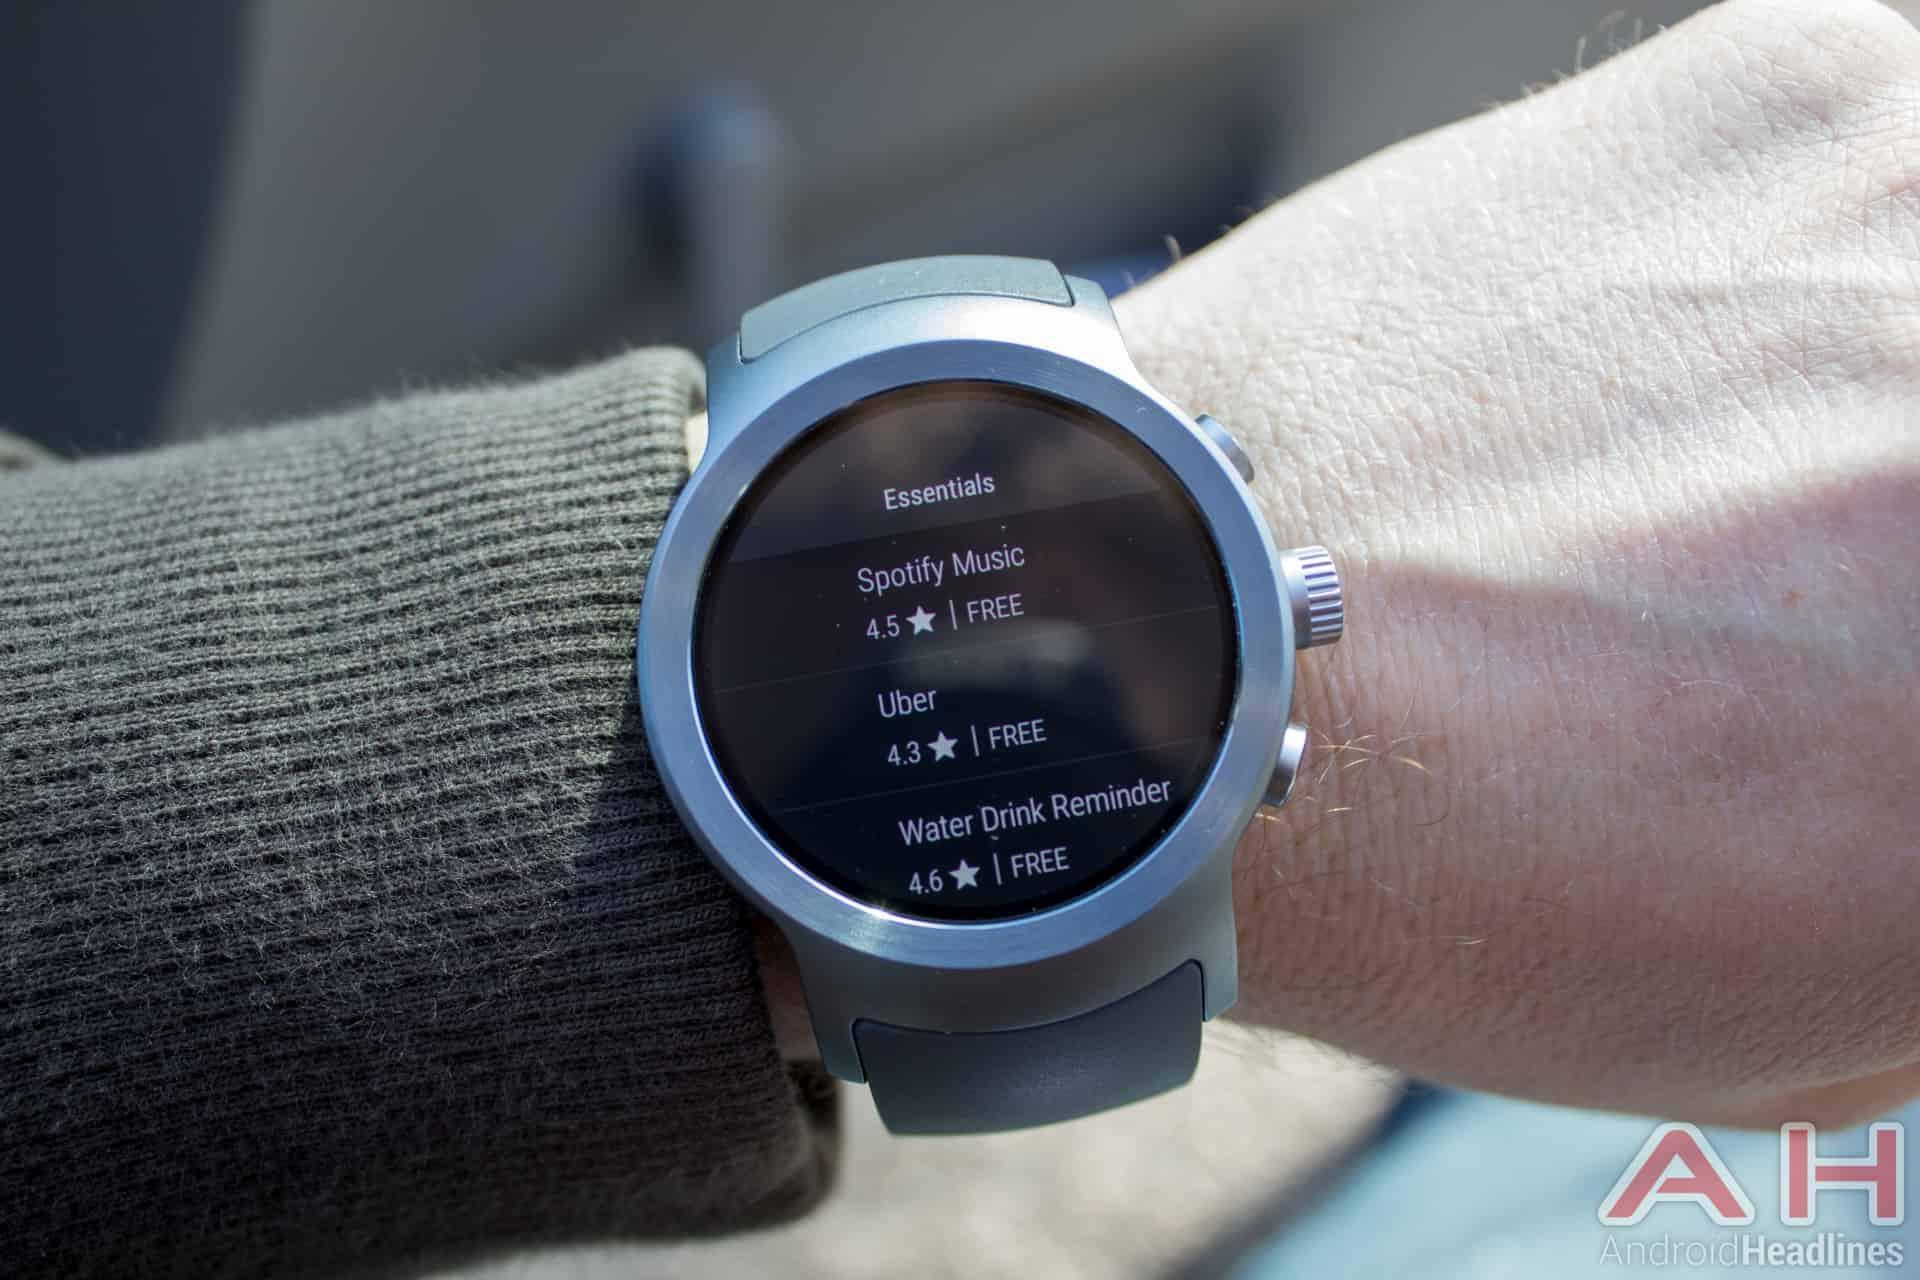 LG Watch Sport AH NS 22 play store wear